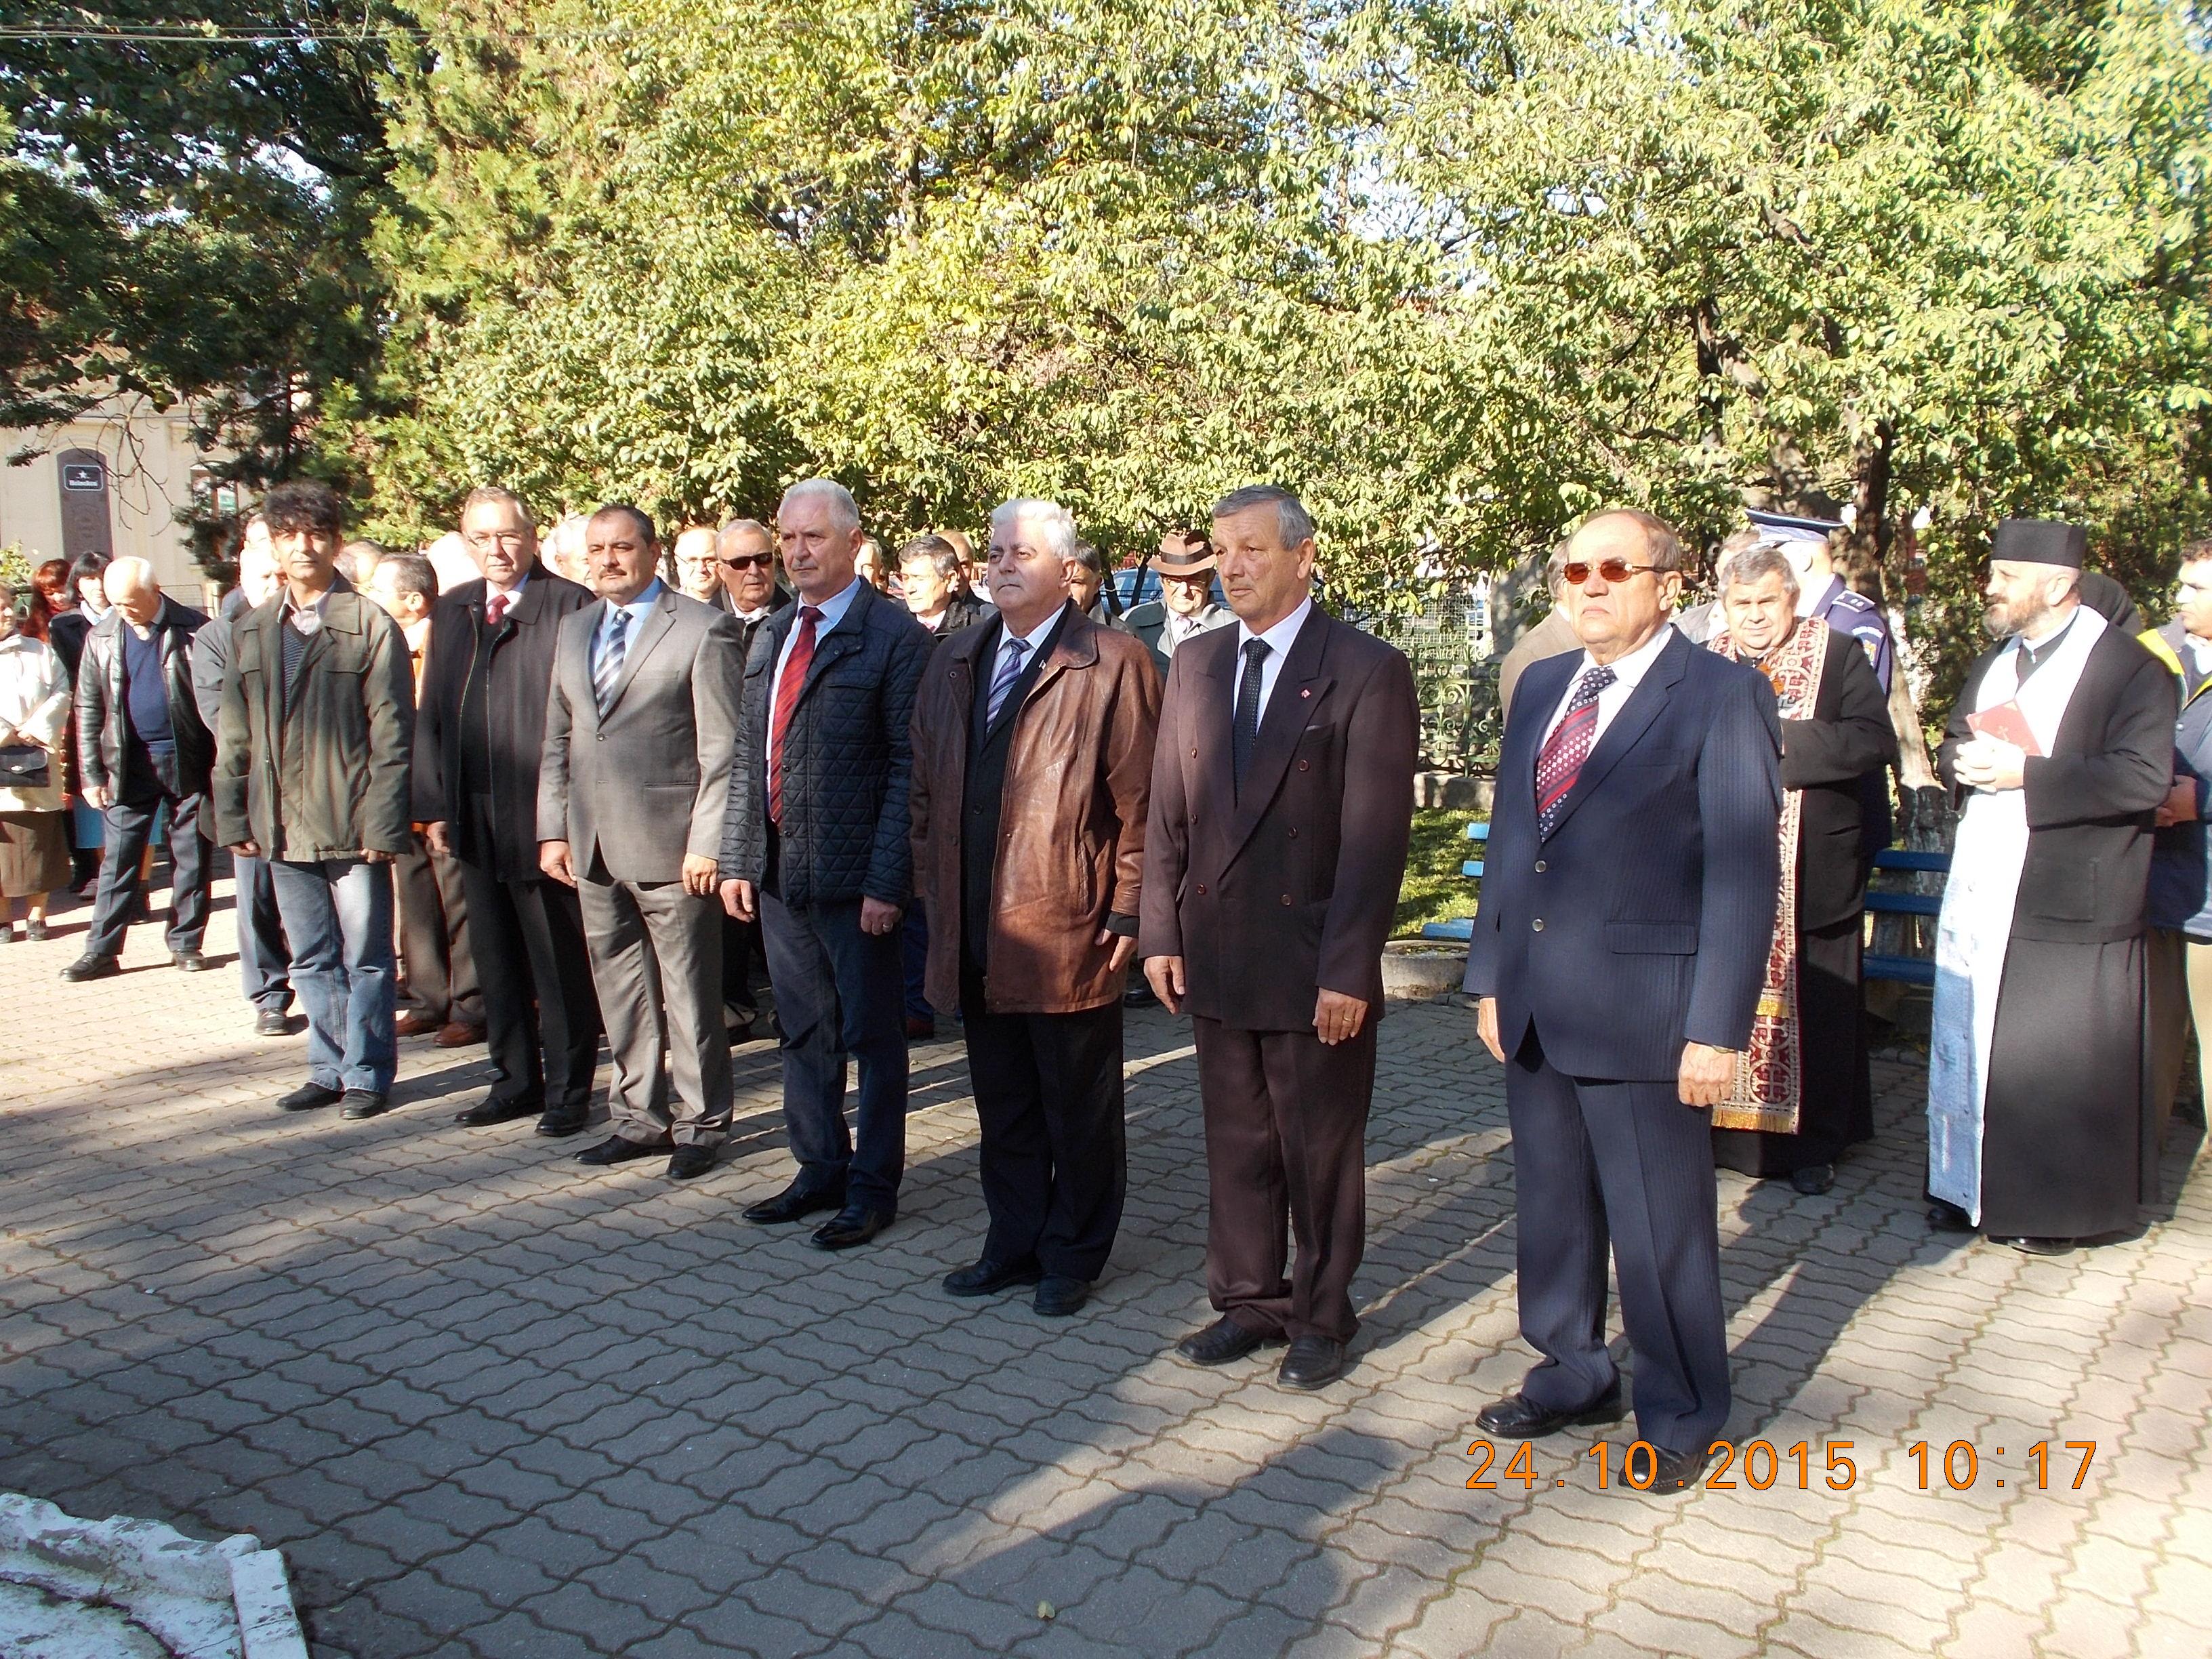 Primarul Mircea Iosif Jichici alaturi de reprezentatnţi ai Consiliului Local Lipova si reprezentatnţi ai Primăriei Orasului Lipova